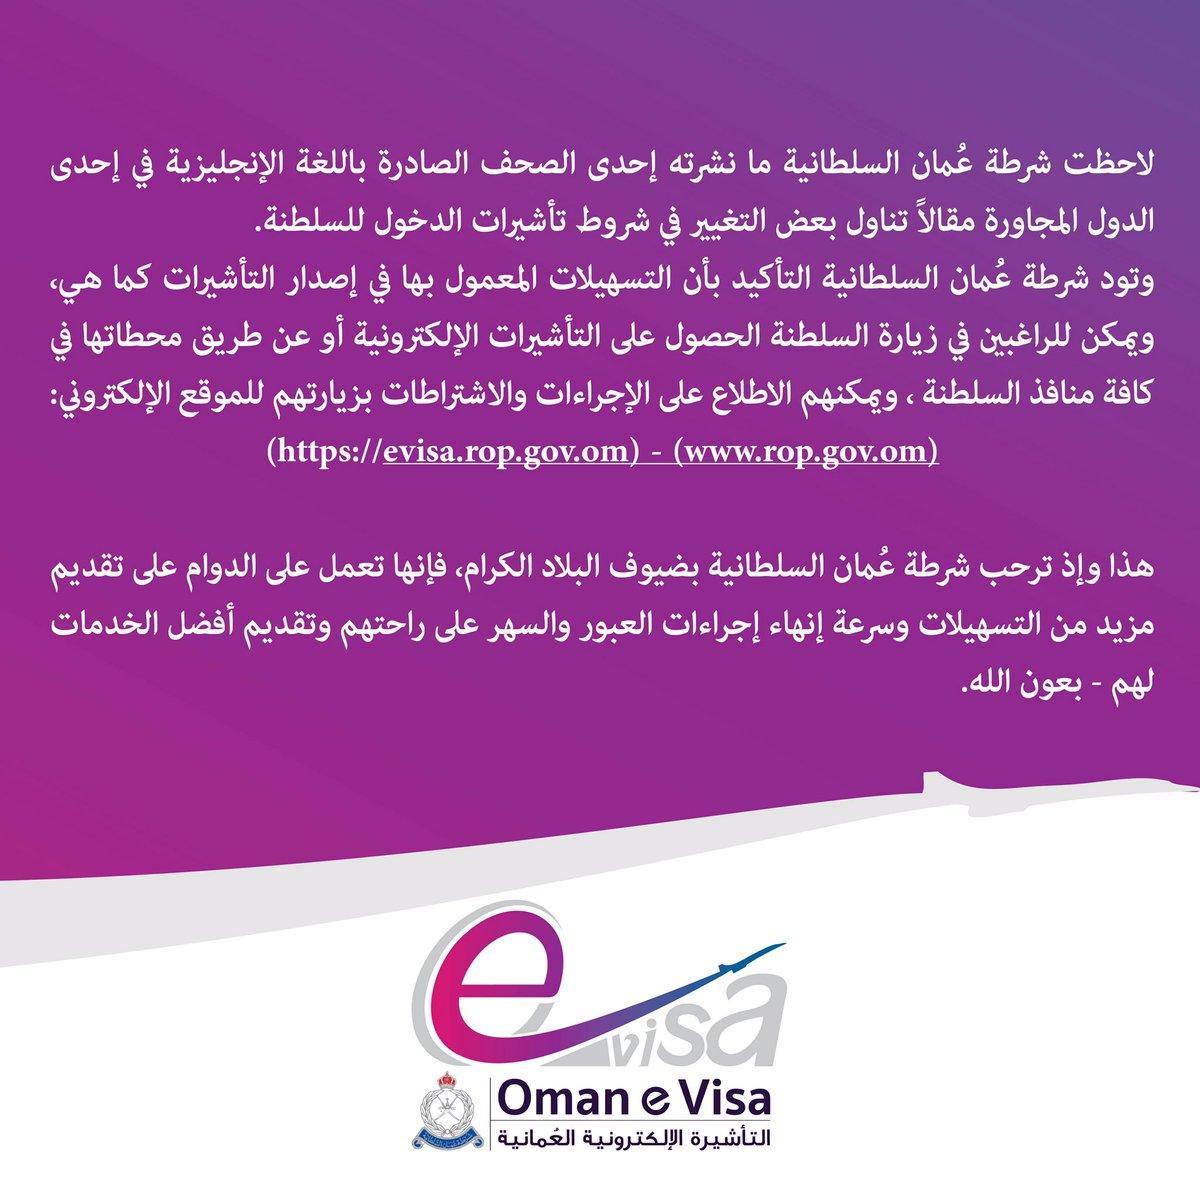 فيلم التأشيرة الالكترونية العمانية - YouTube